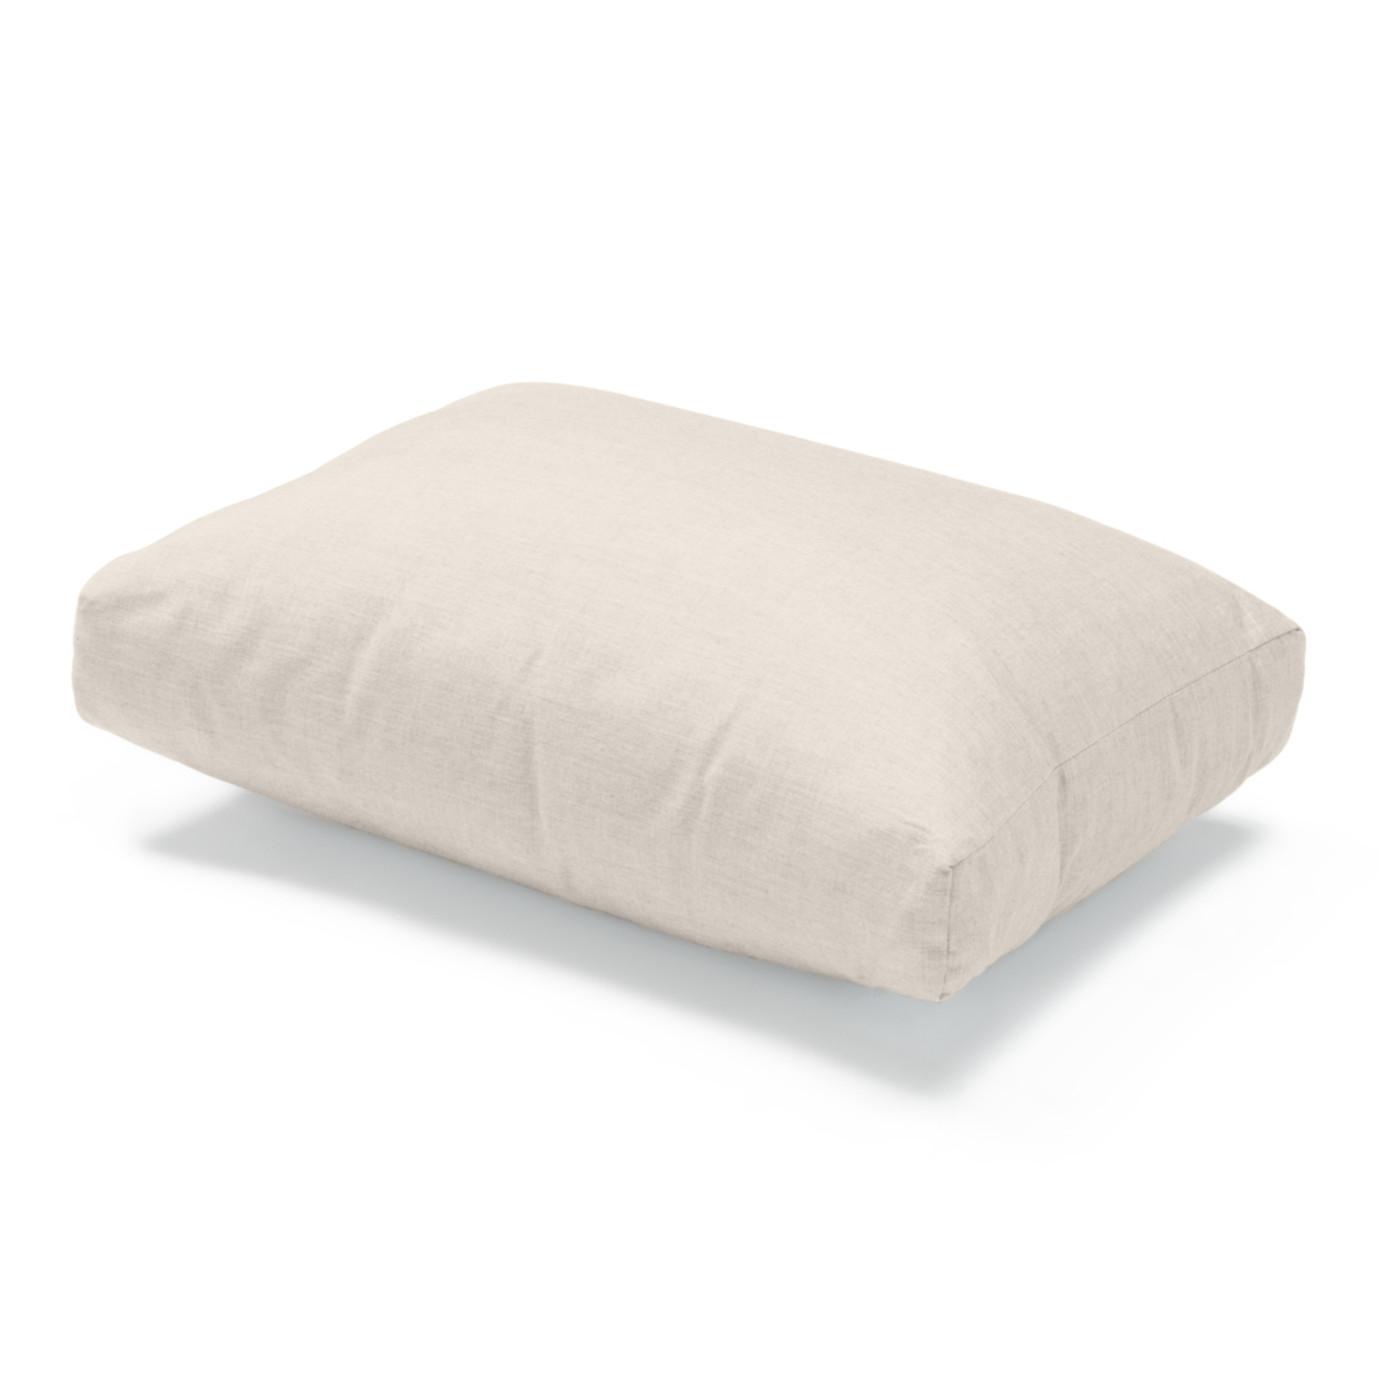 Portofino Sling Armless Chair Back Cushion - Beige Fennel